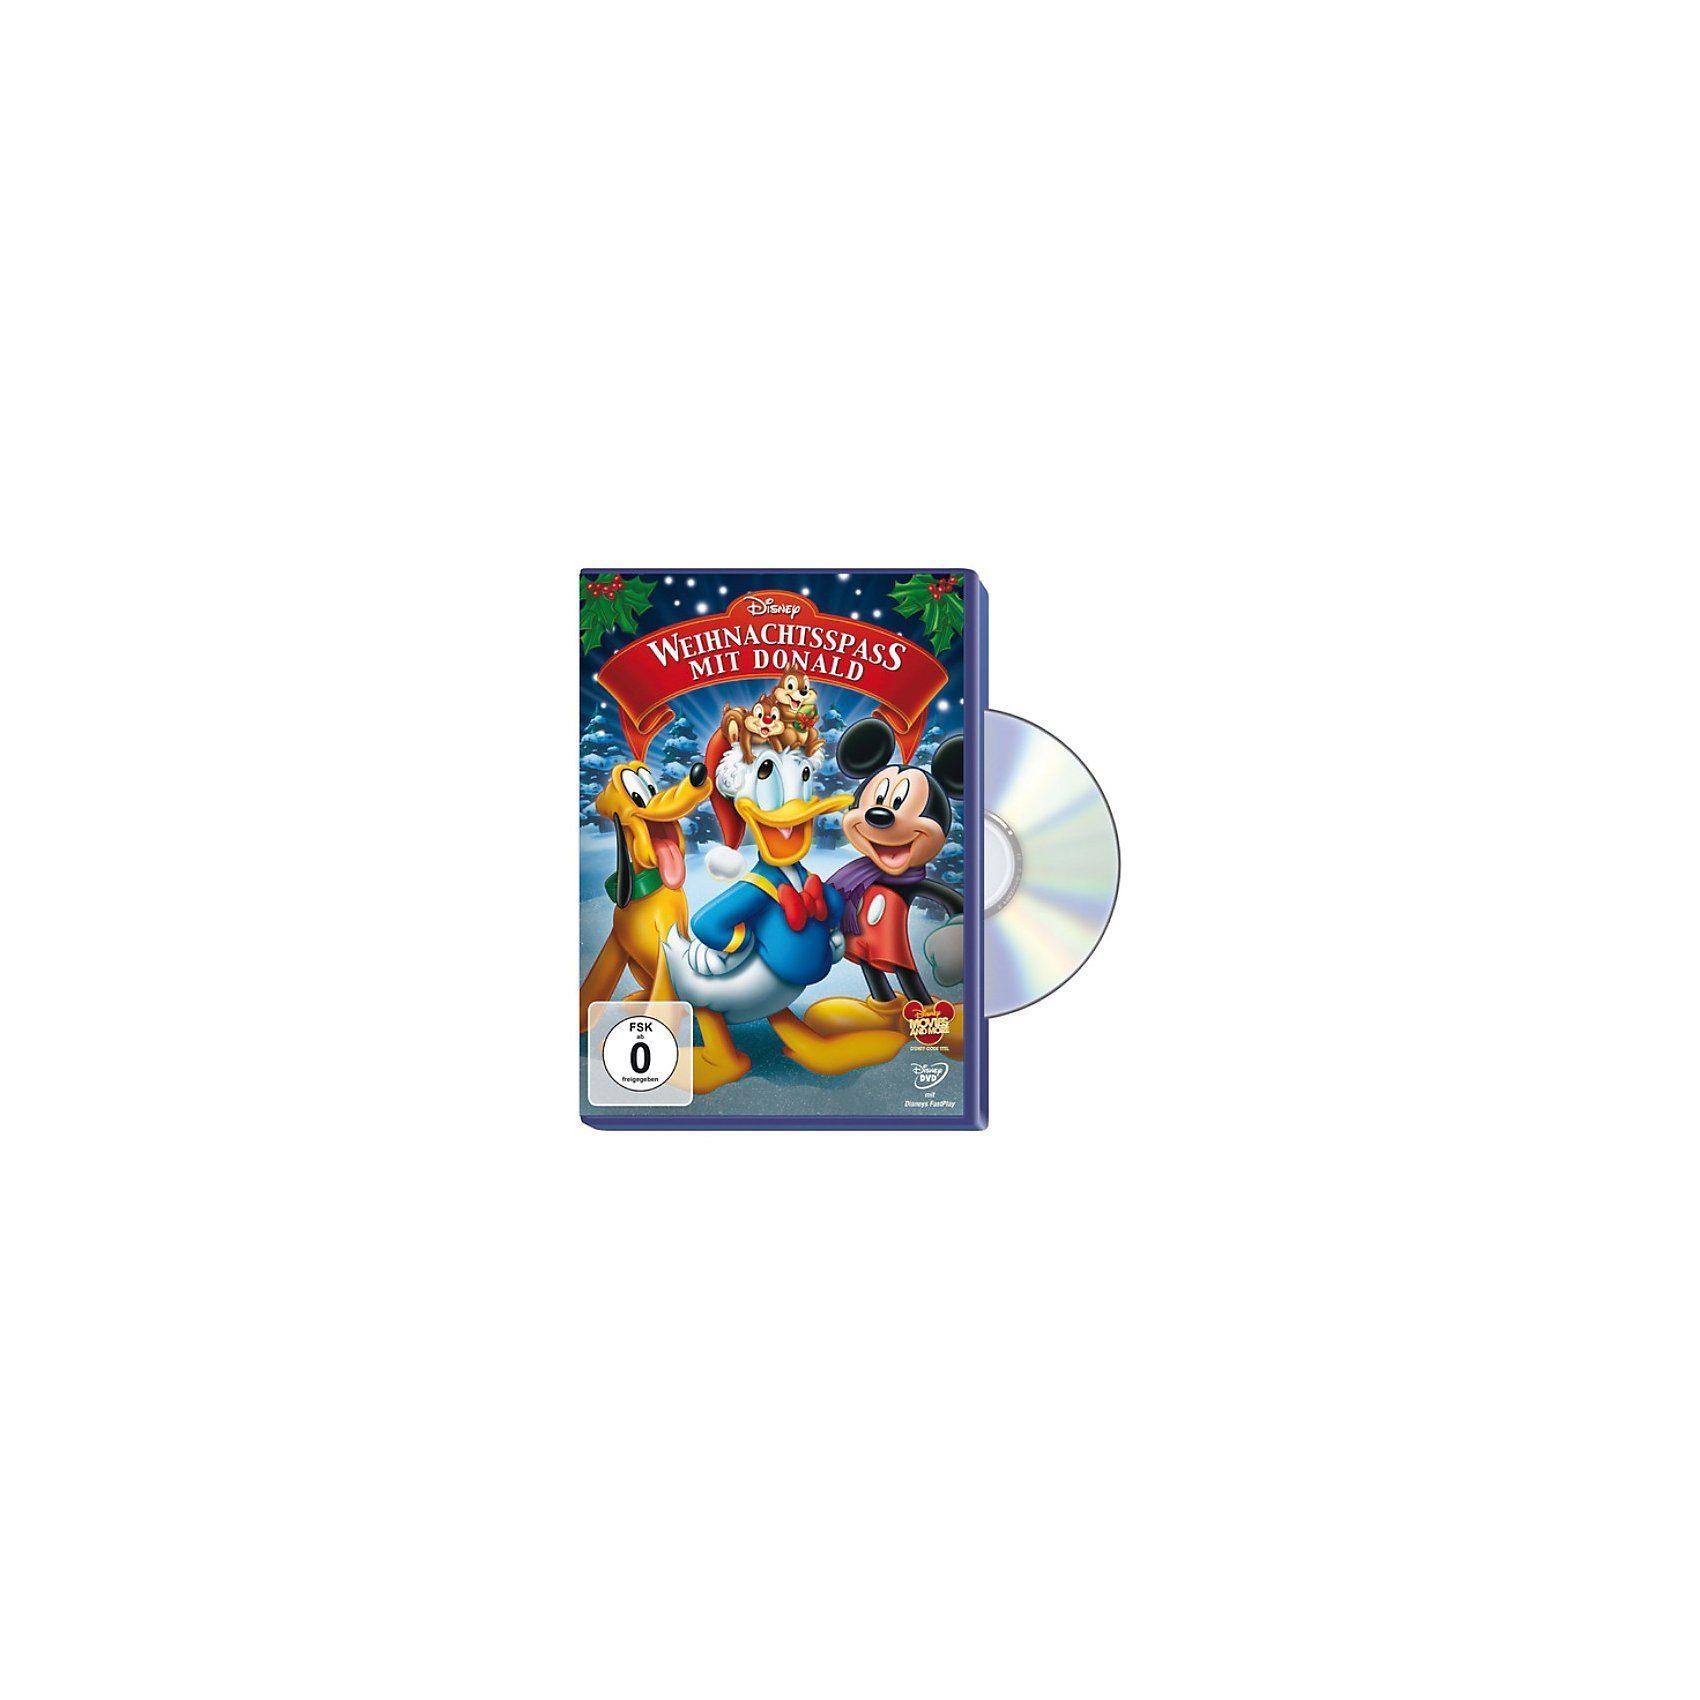 Disney DVD DVD Weihnachtsspaß mit Donald